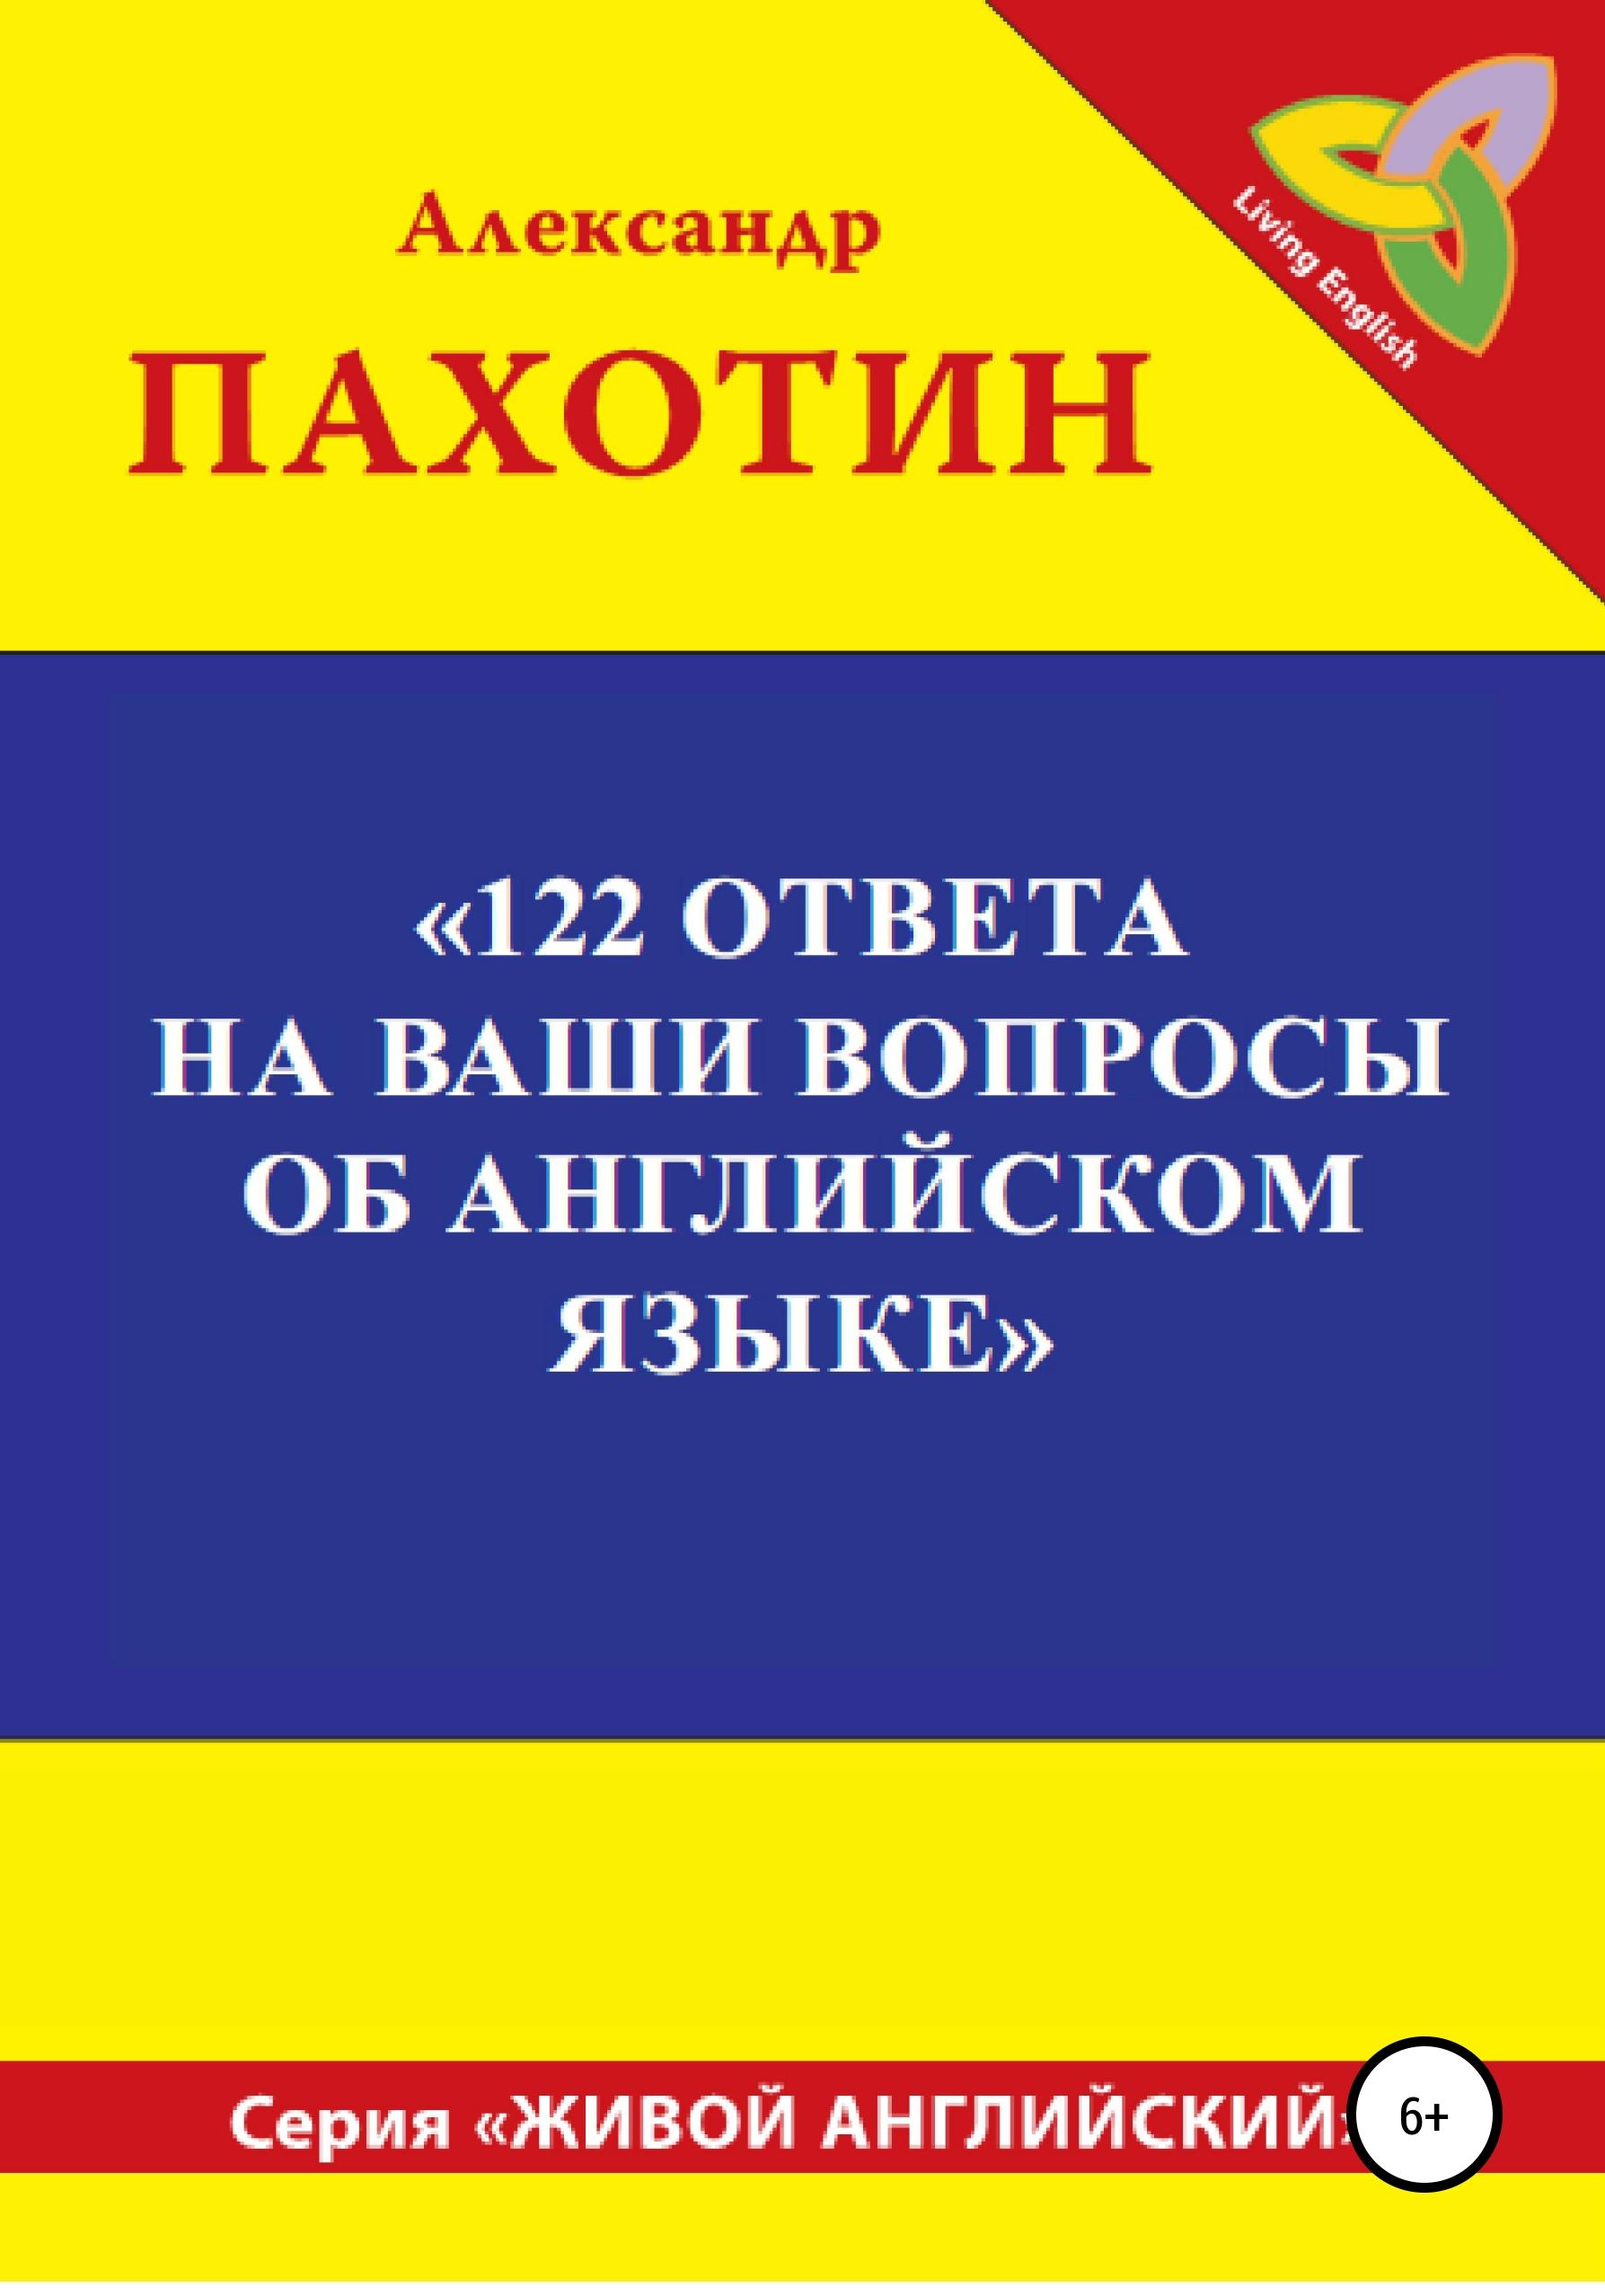 122 ответа на ваши вопросы об английском языке ( Александр Иосифович Пахотин  )